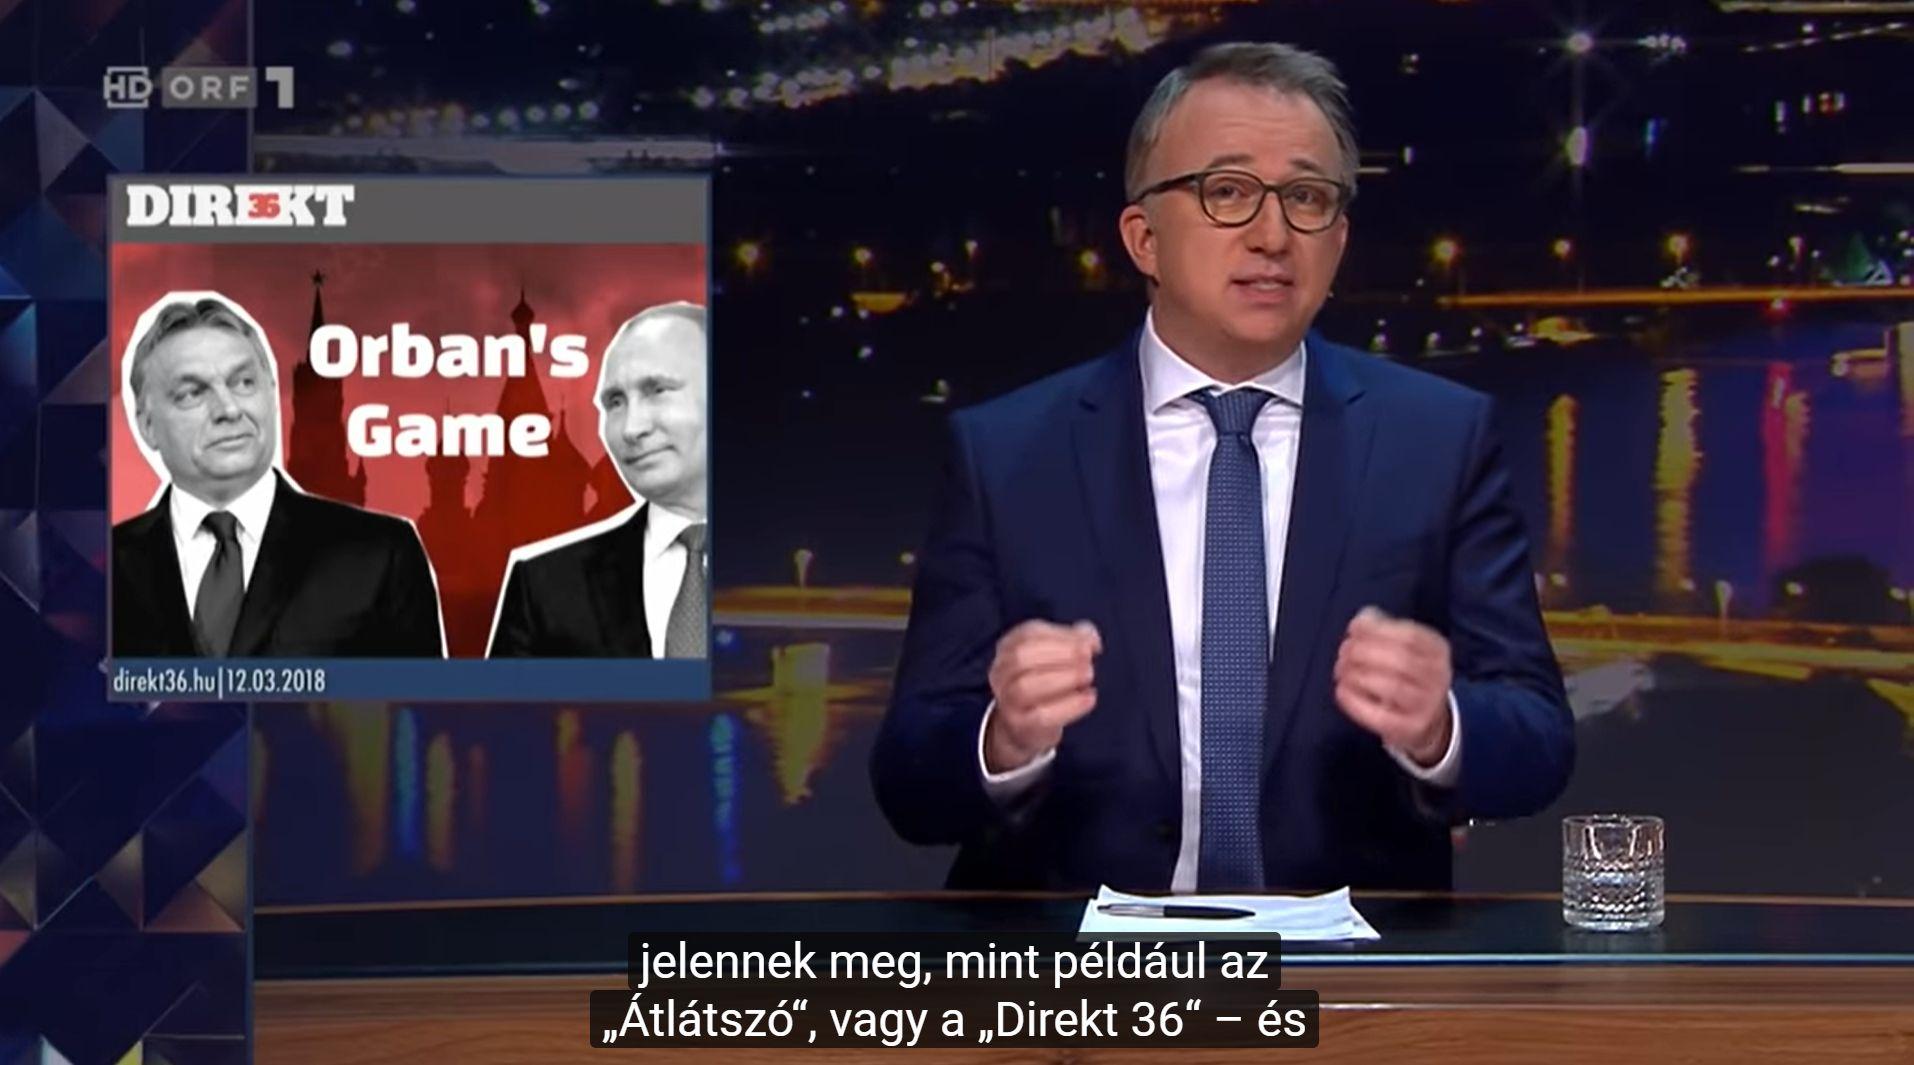 16 percen át volt téma a magyar médiahelyzet az osztrák állami tévé esti talk show-jában